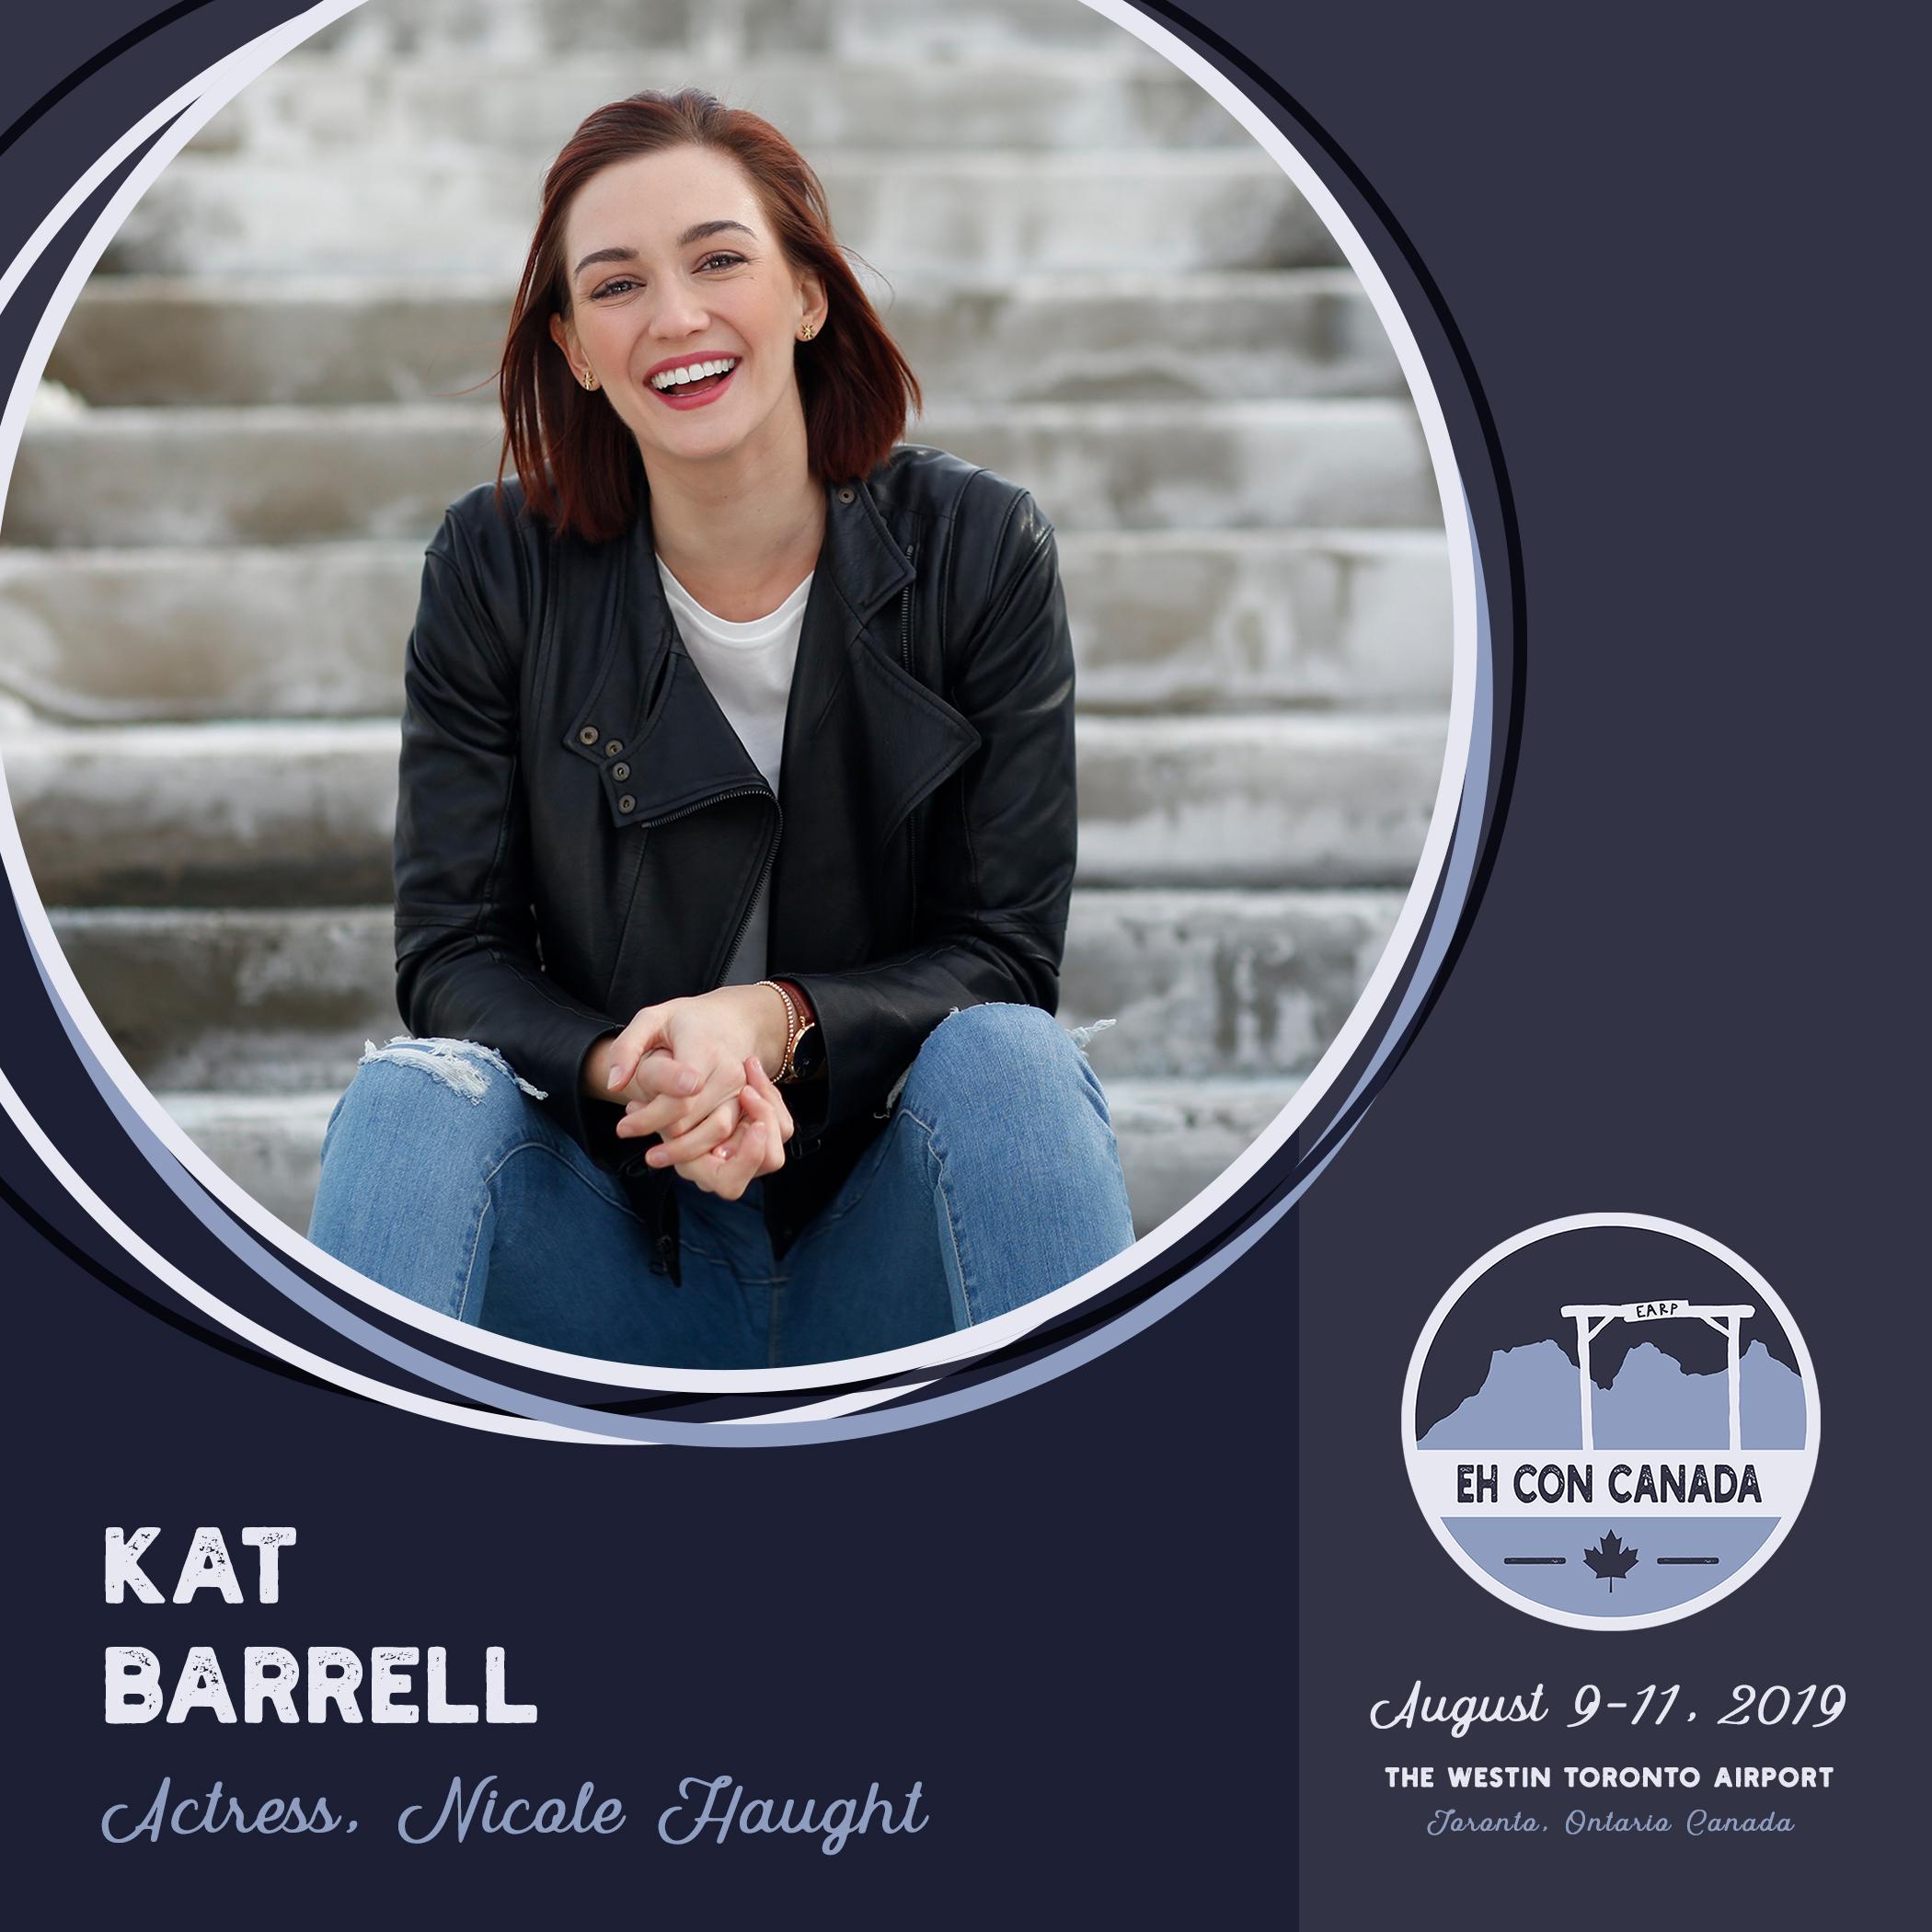 Kat's Bio